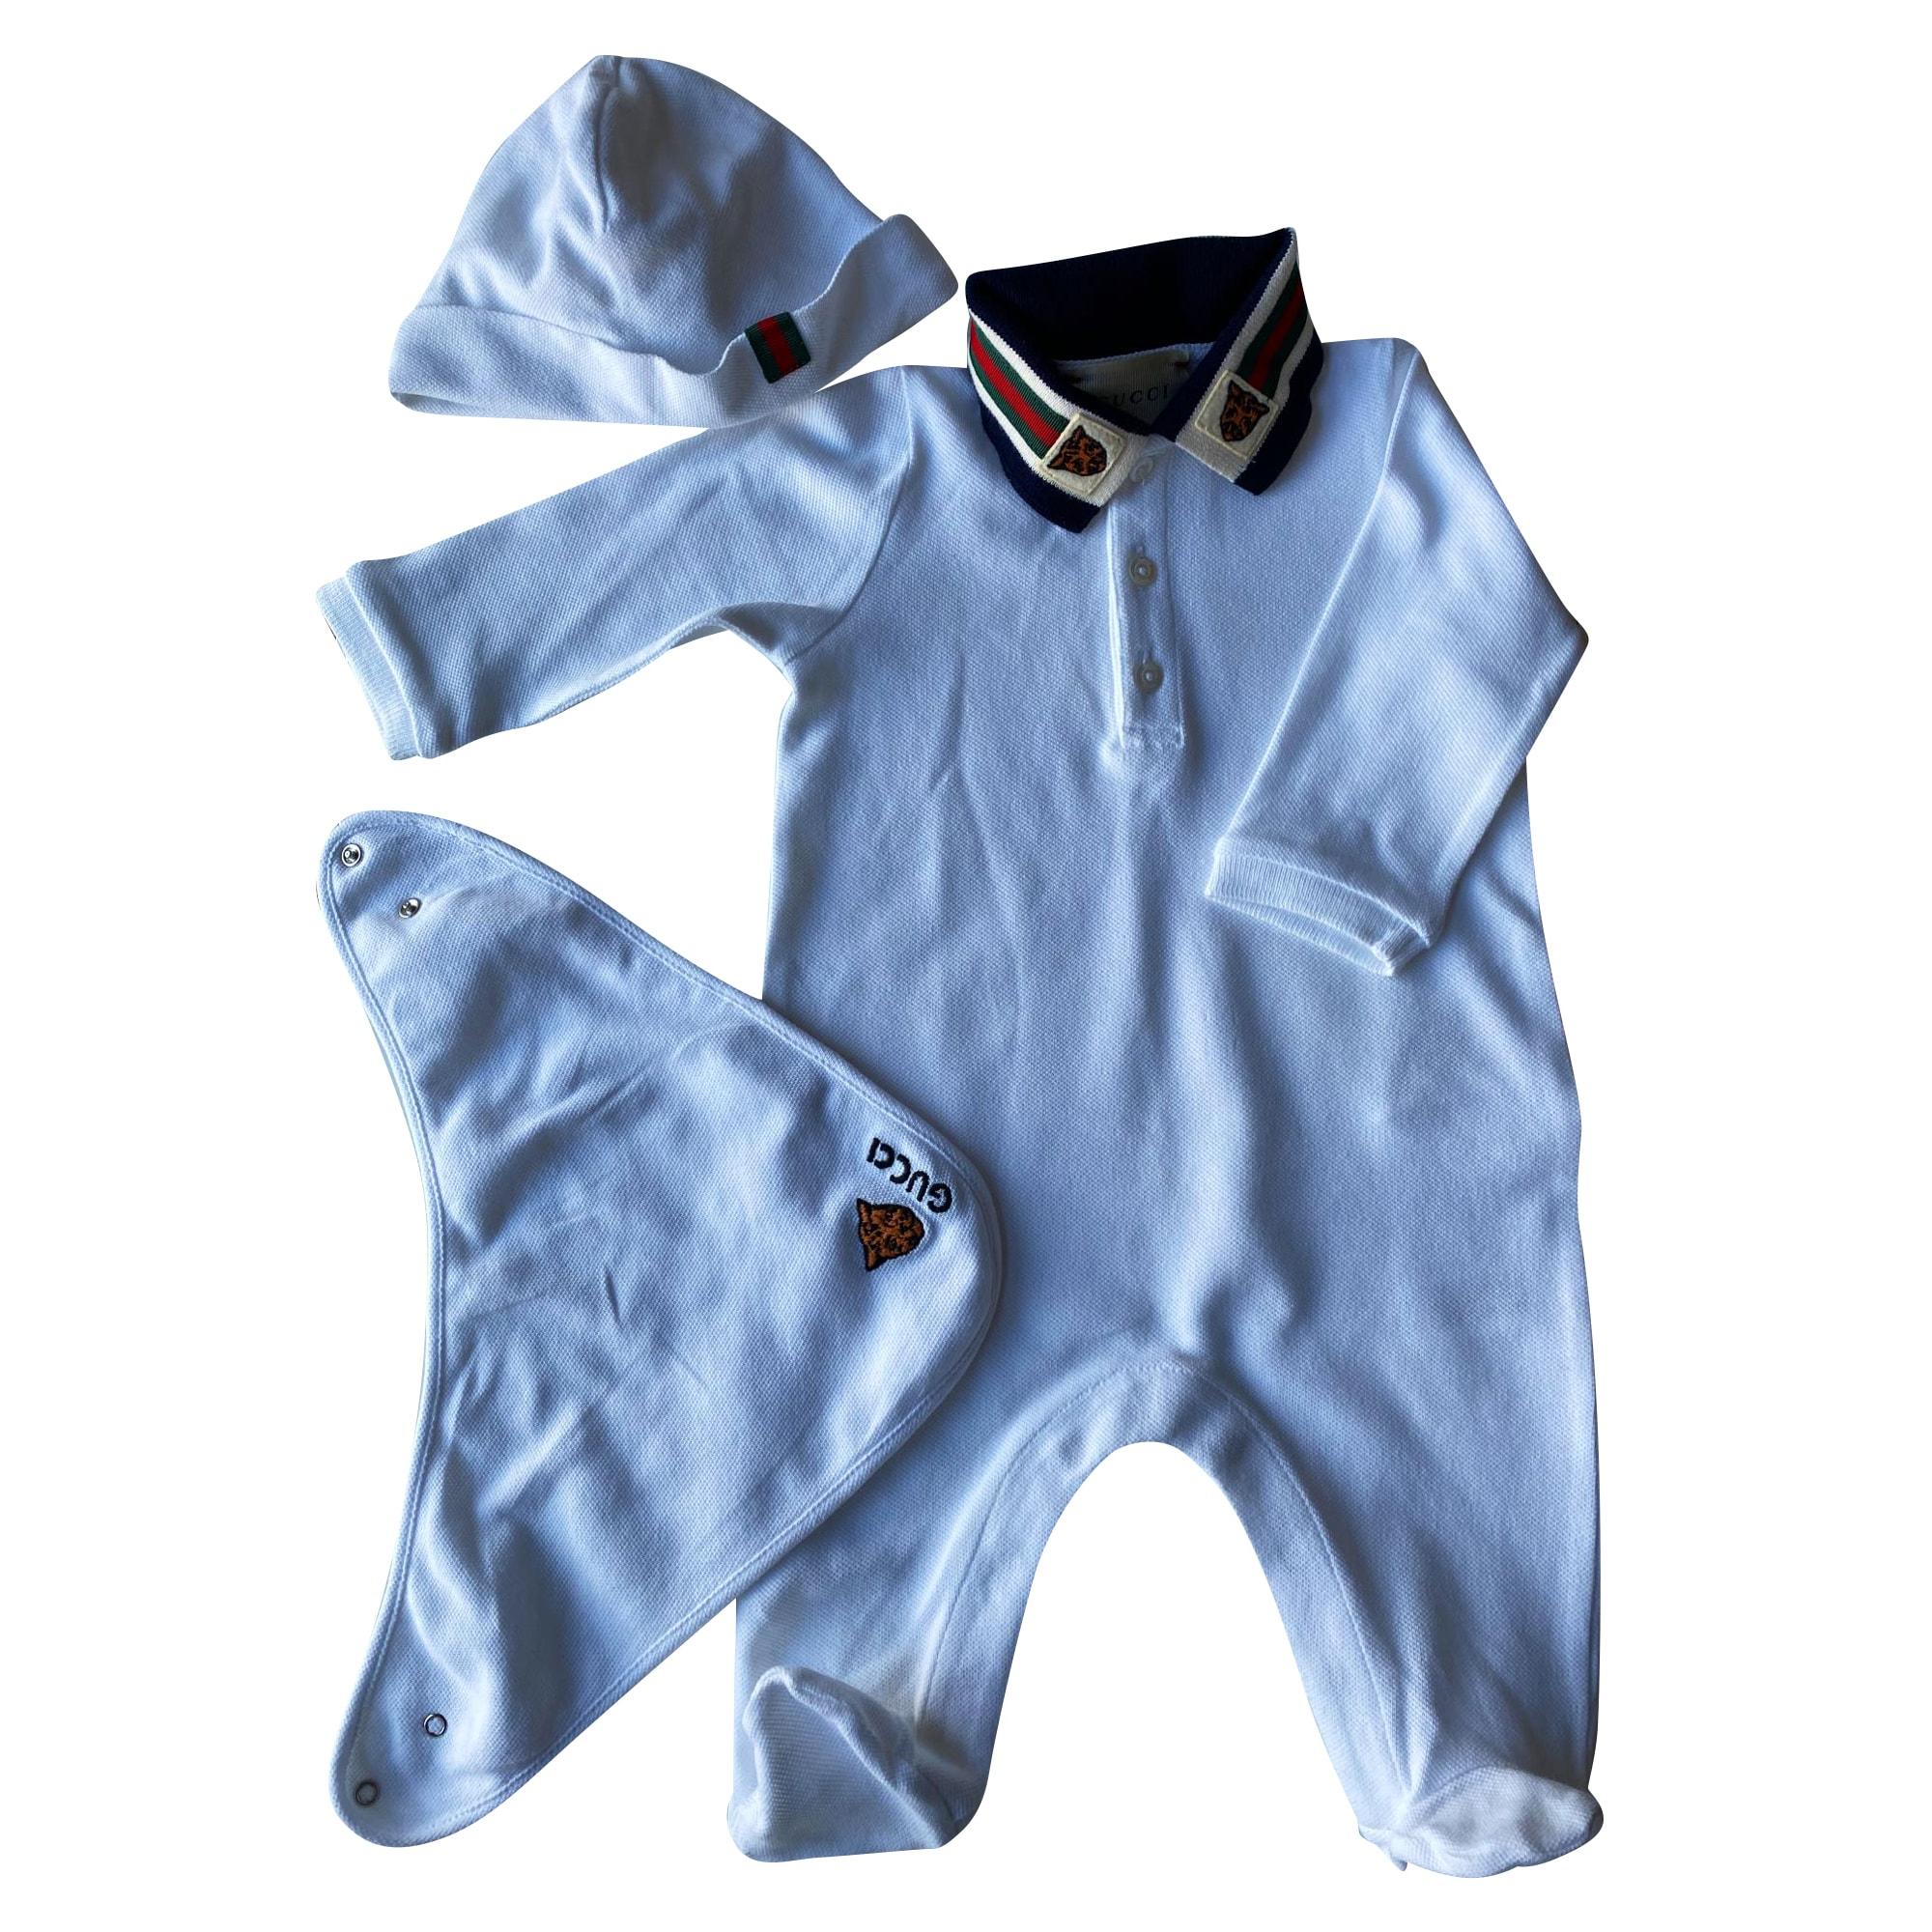 Anzug, Hosen-Set für Kinder GUCCI Weiß, elfenbeinfarben